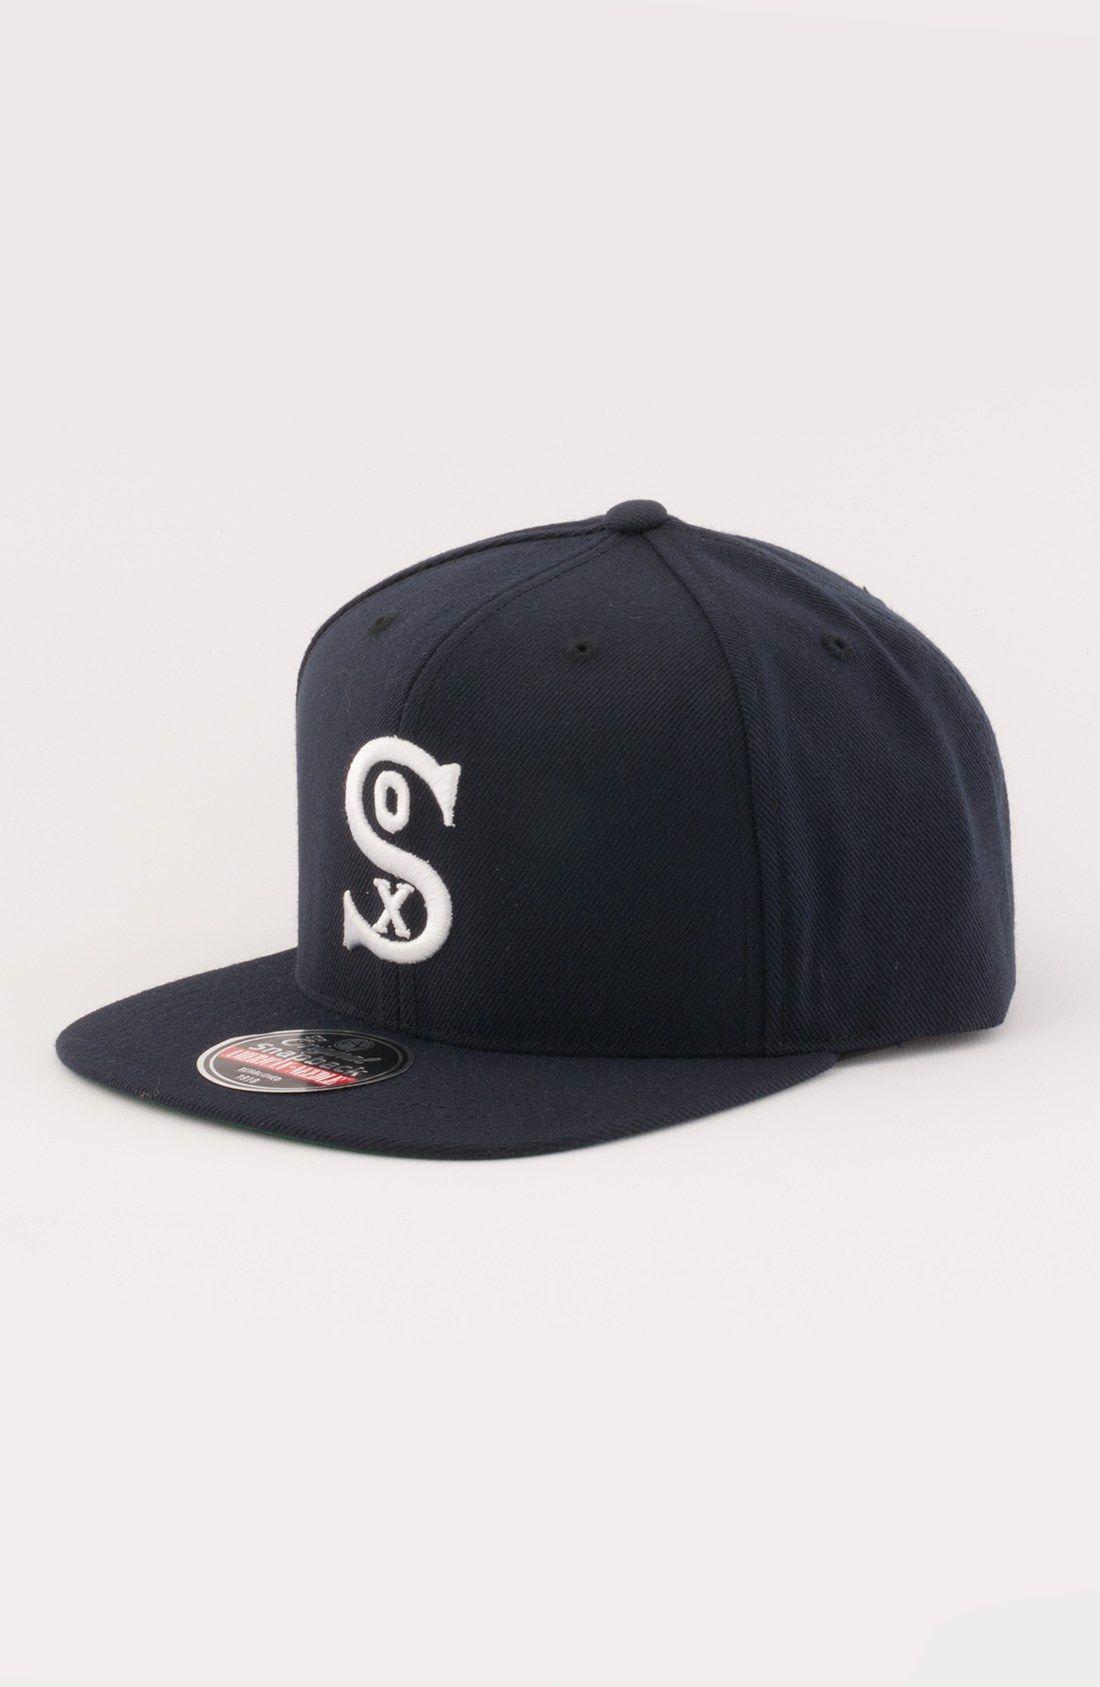 13e3bcf060a90 American Needle  Chicago White Sox 1931 - 400 Series  Snapback Baseball Cap